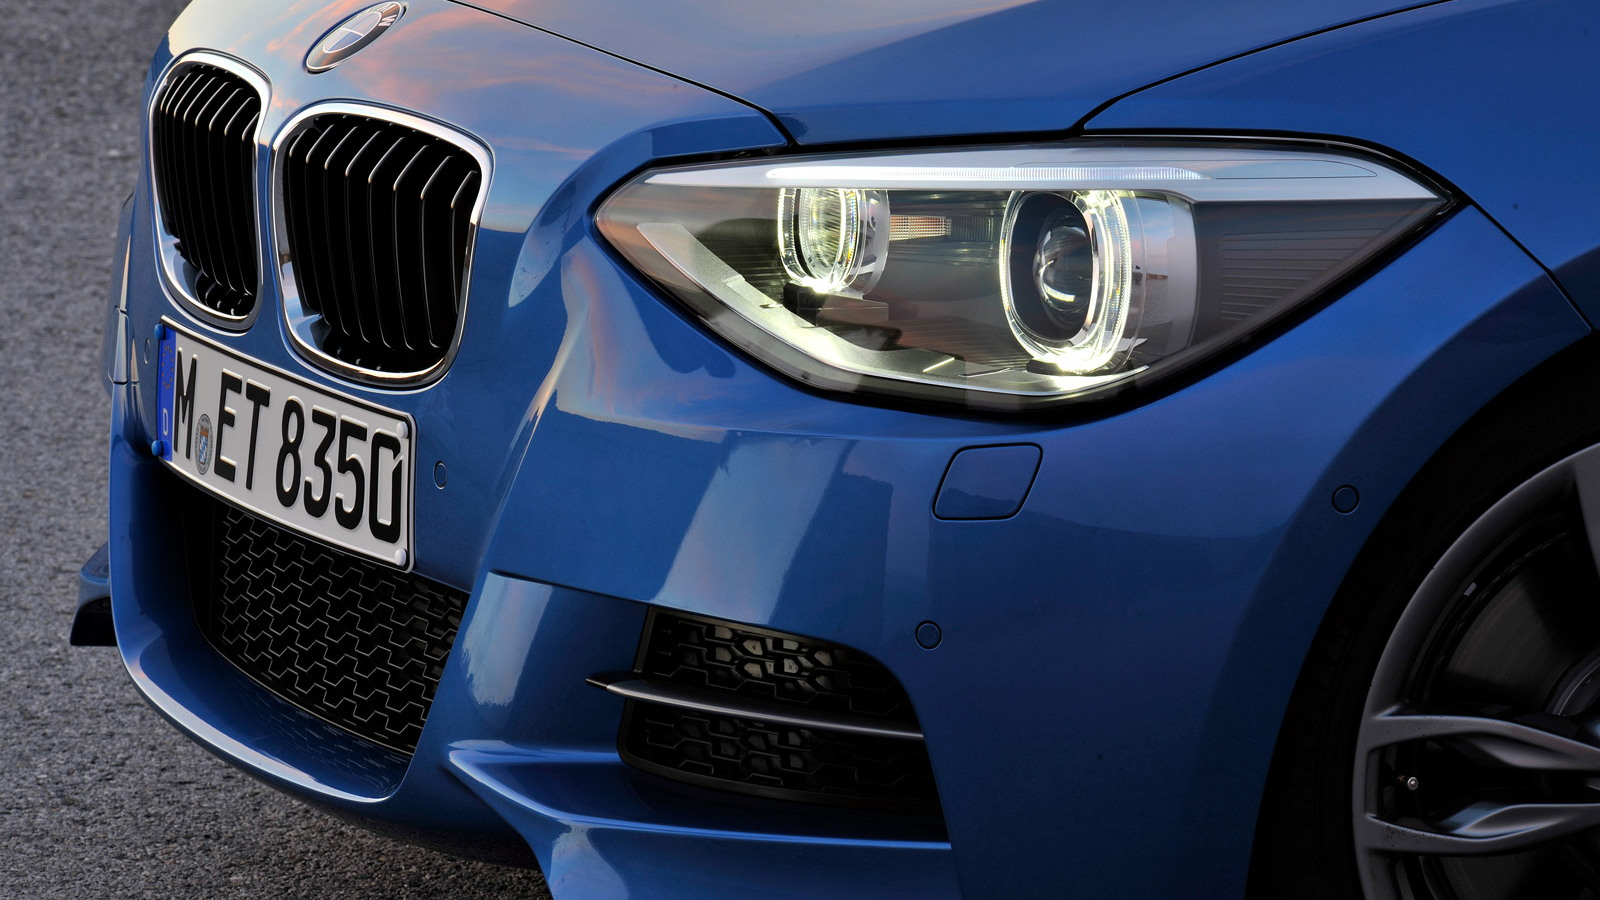 2012 BMW M135i Hatchback (three-door)